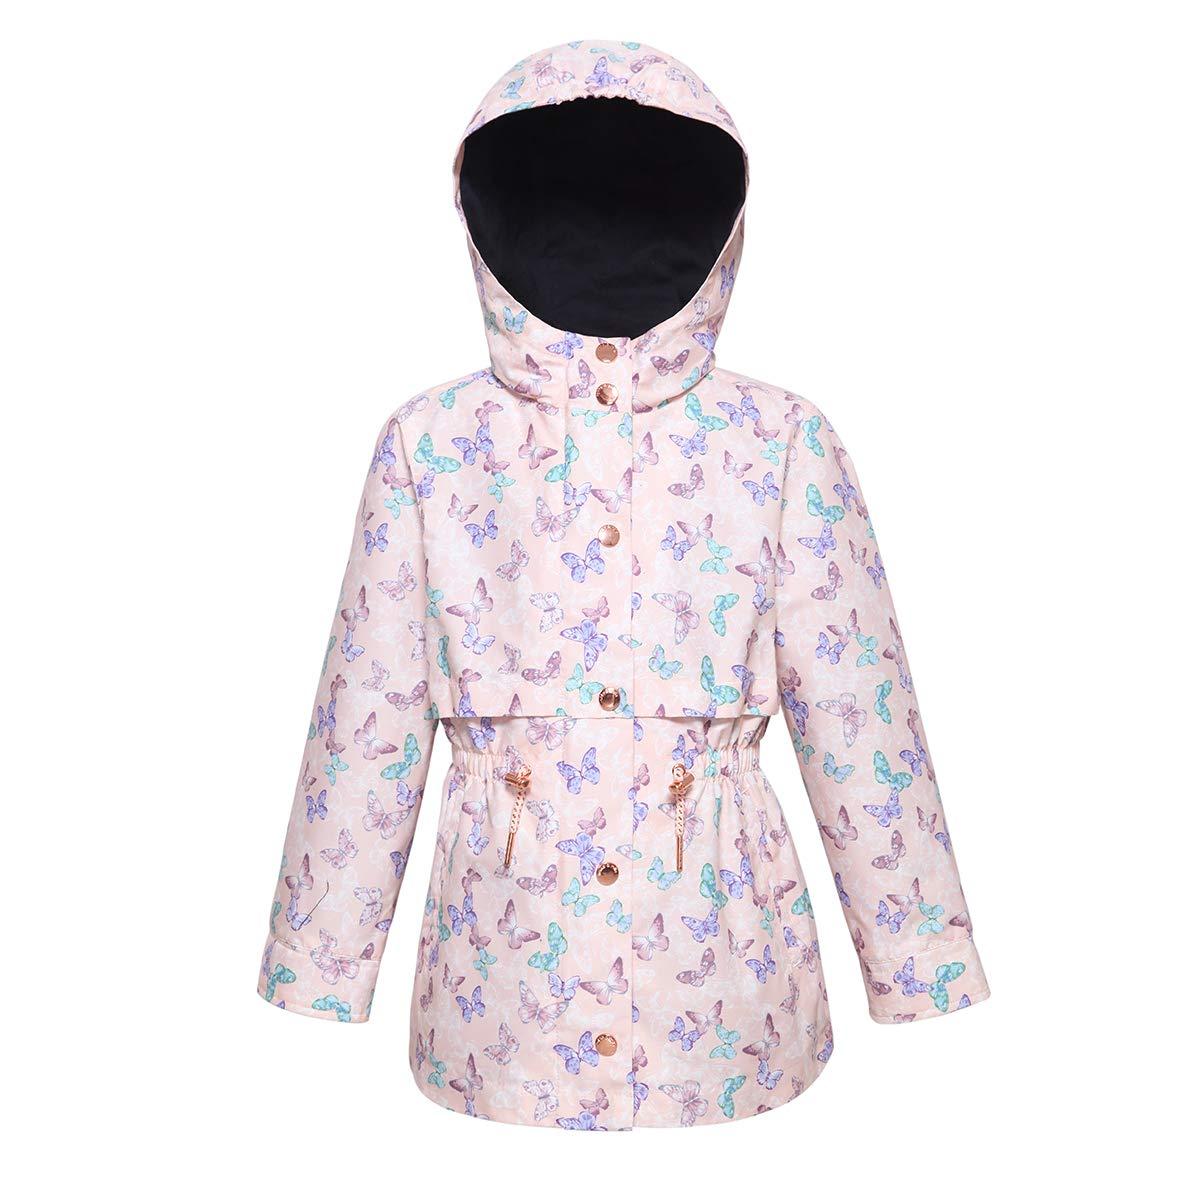 Rokka&Rolla Girls' Lightweight Water Resistant Hooded Rain Jacket Trench Coat Windbreaker by Rokka&Rolla